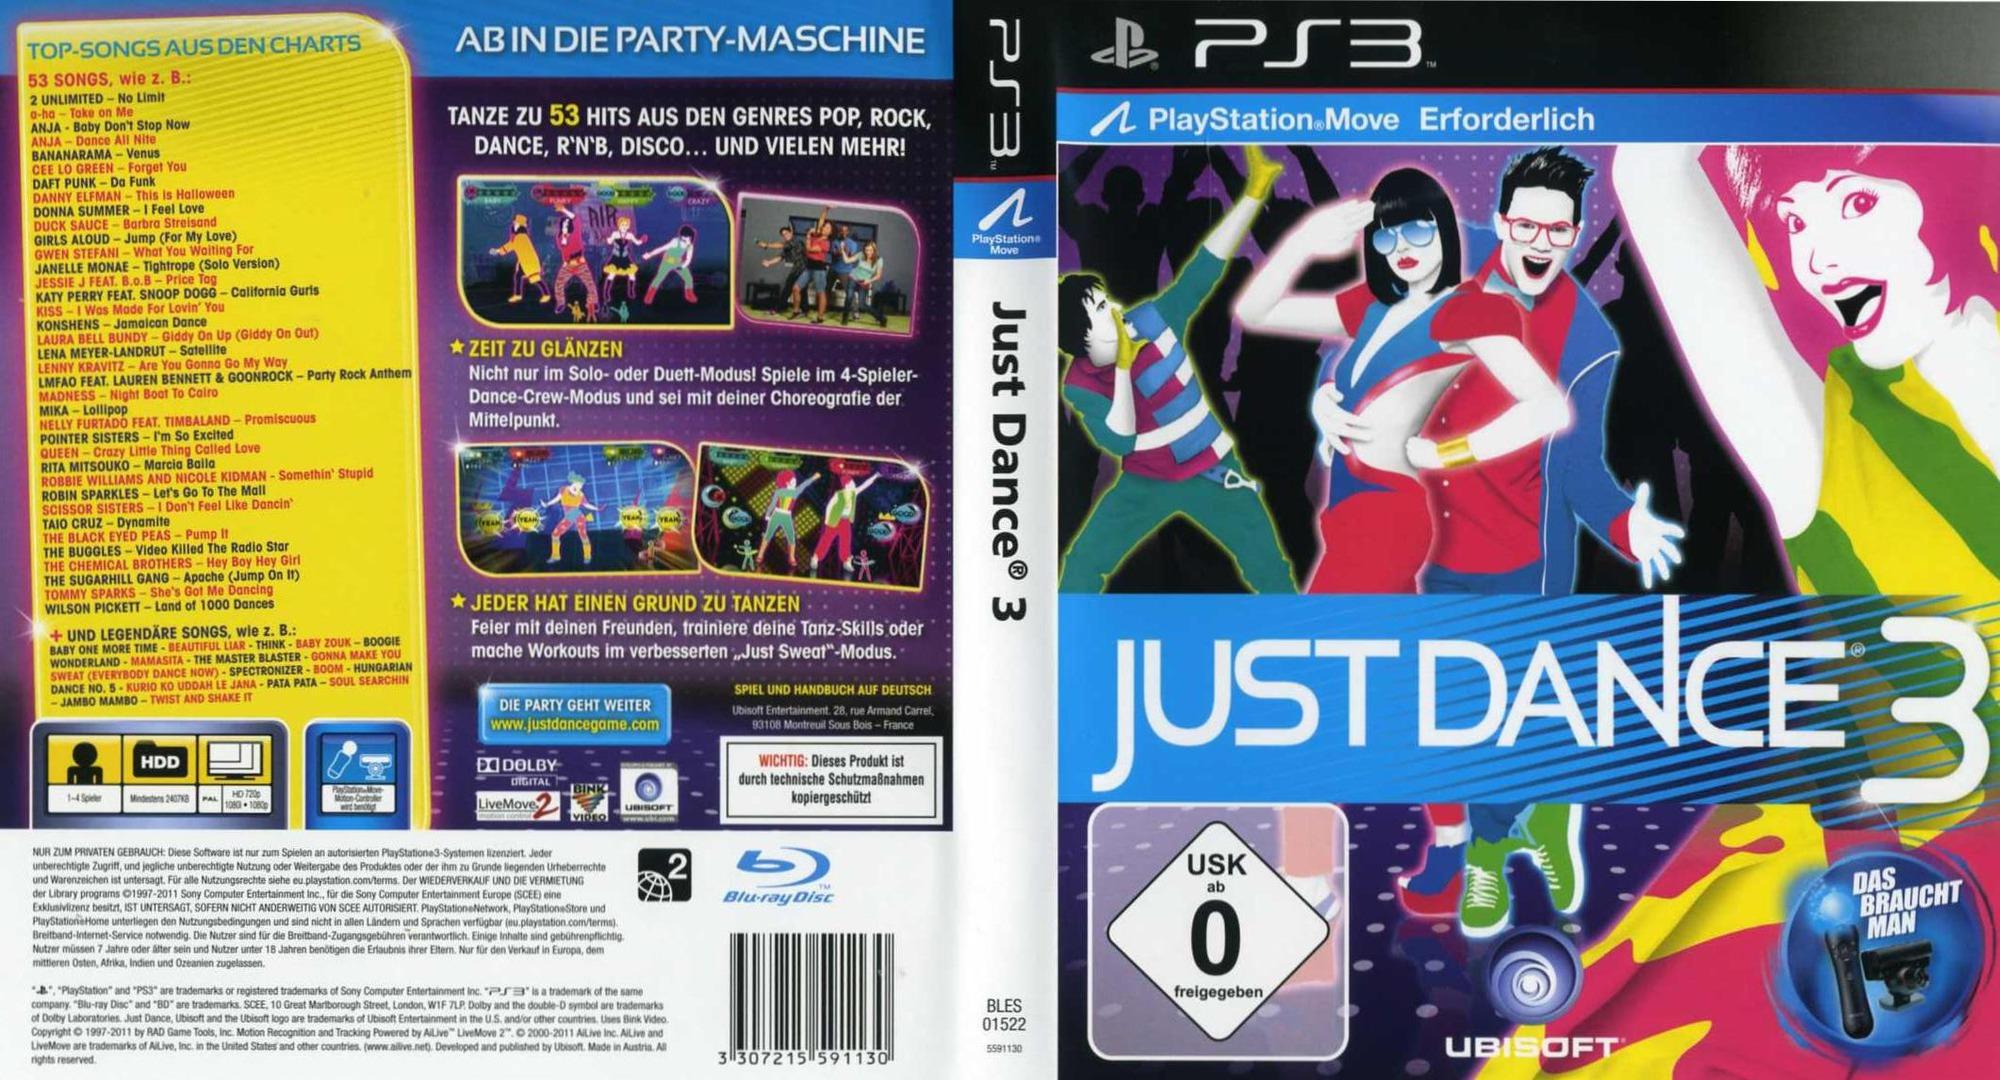 Bles01522 Just Dance 3